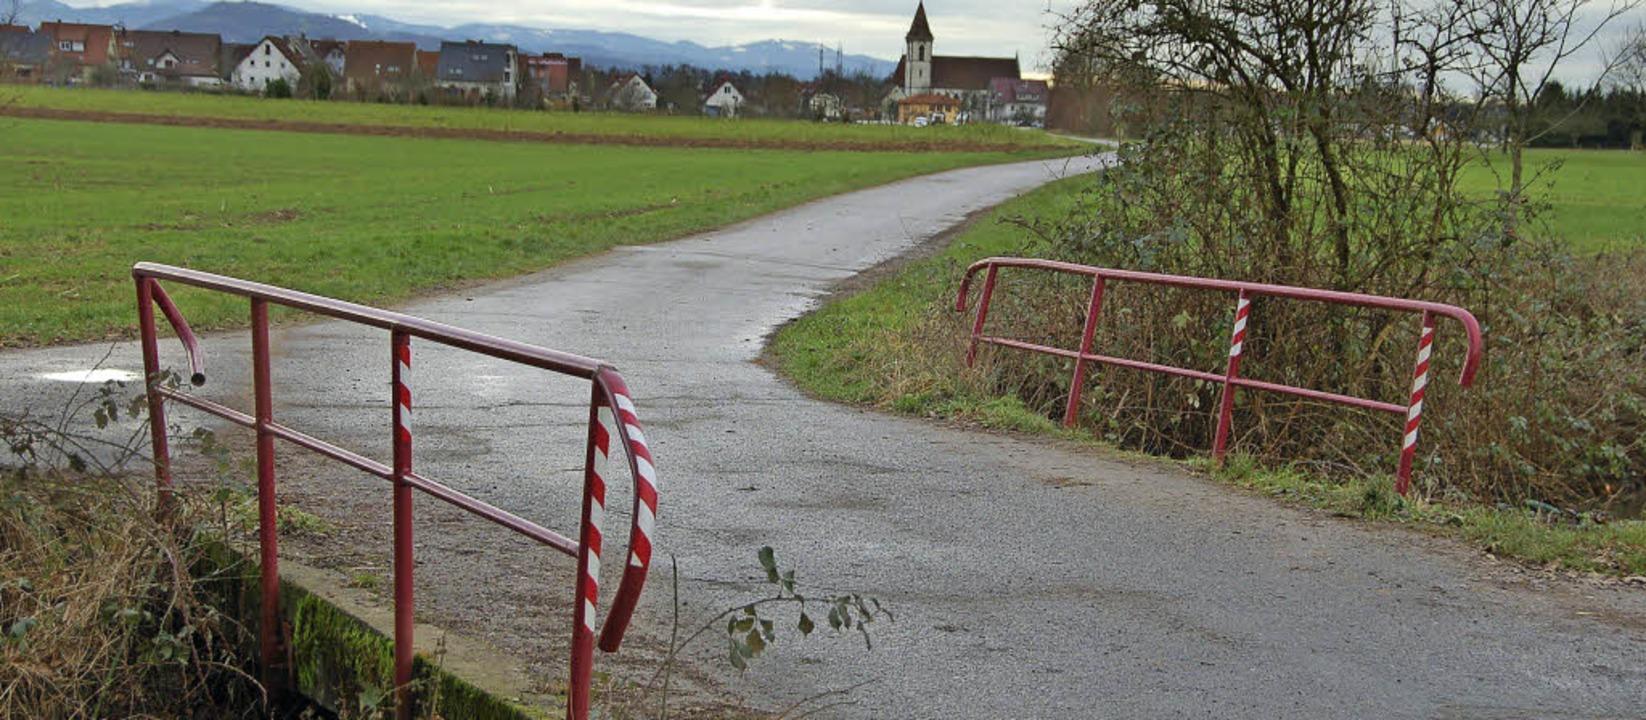 Die Brücke über den Waldbach in Reute ist sanierungsbedürftig.    Foto: Pia Grättinger